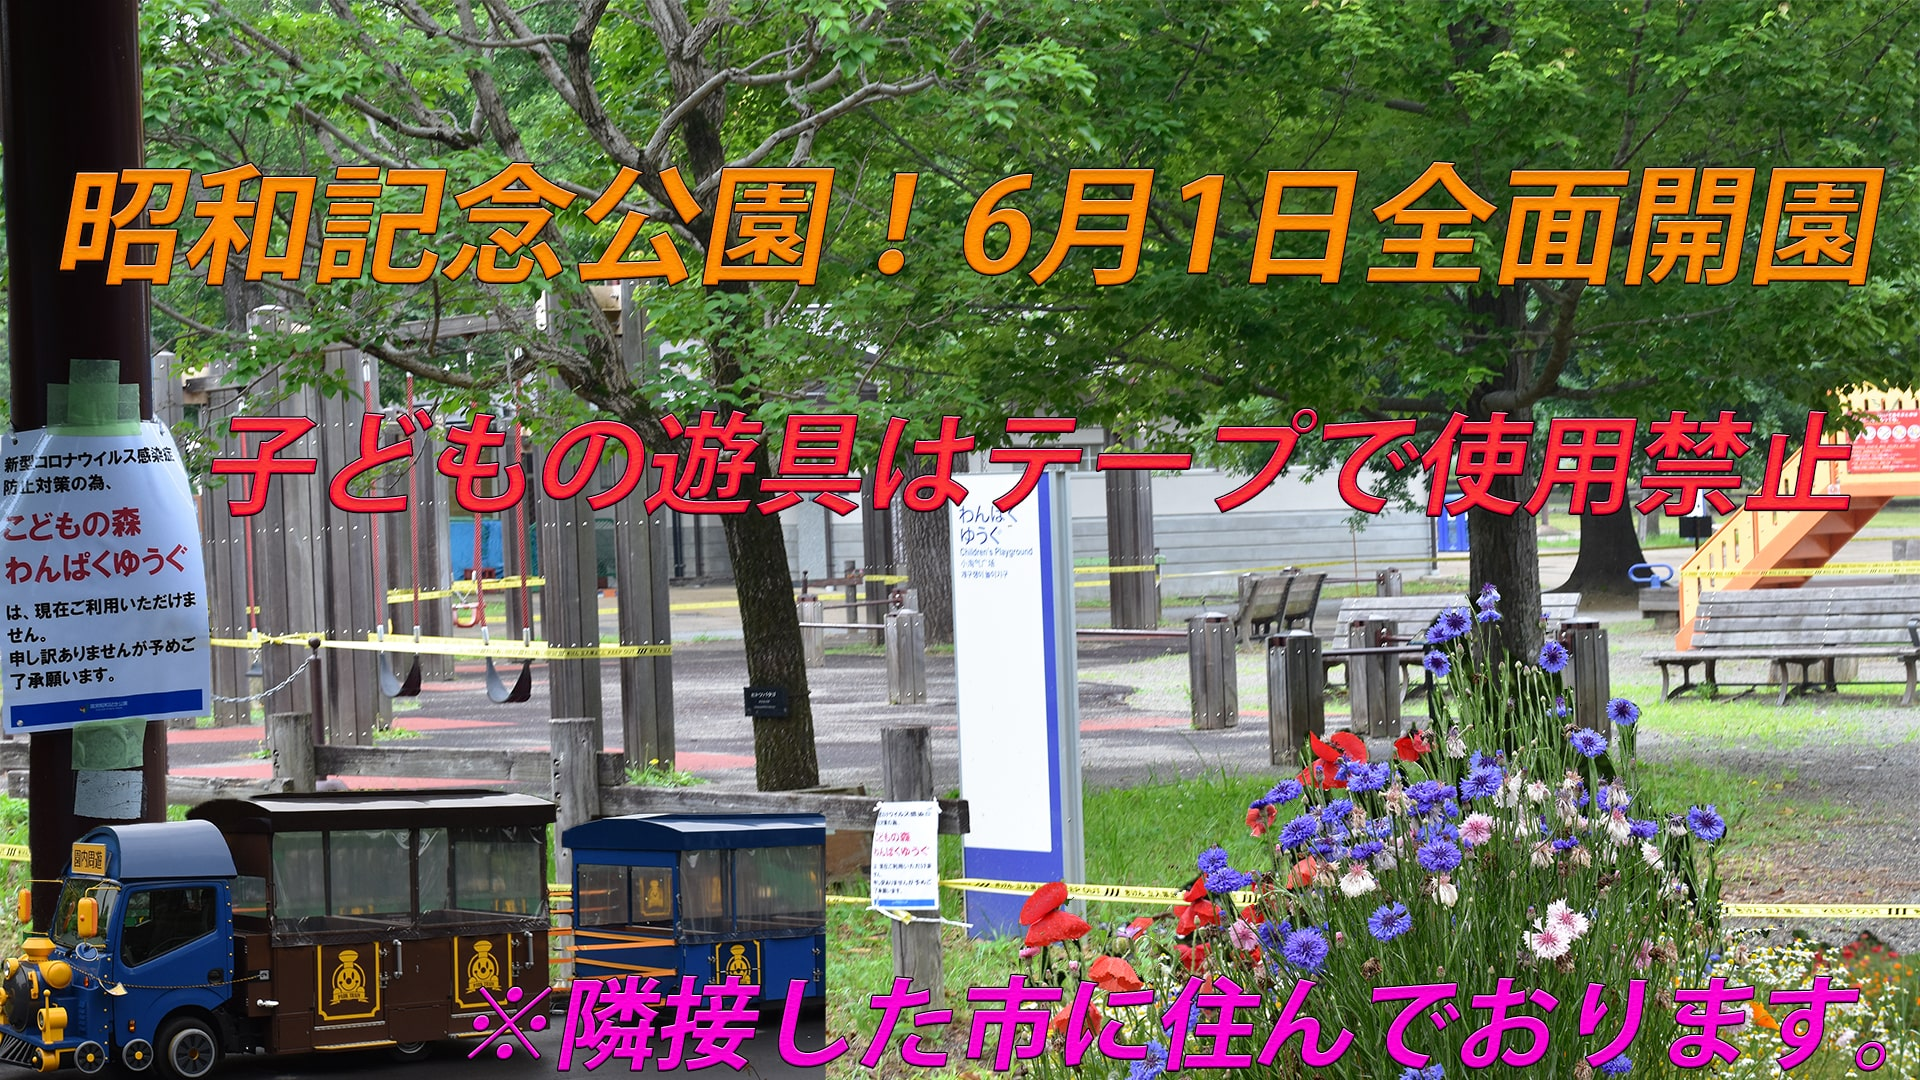 昭和記念公園!全面開園!様子をみて!子供の遊具はテープで使用禁止。